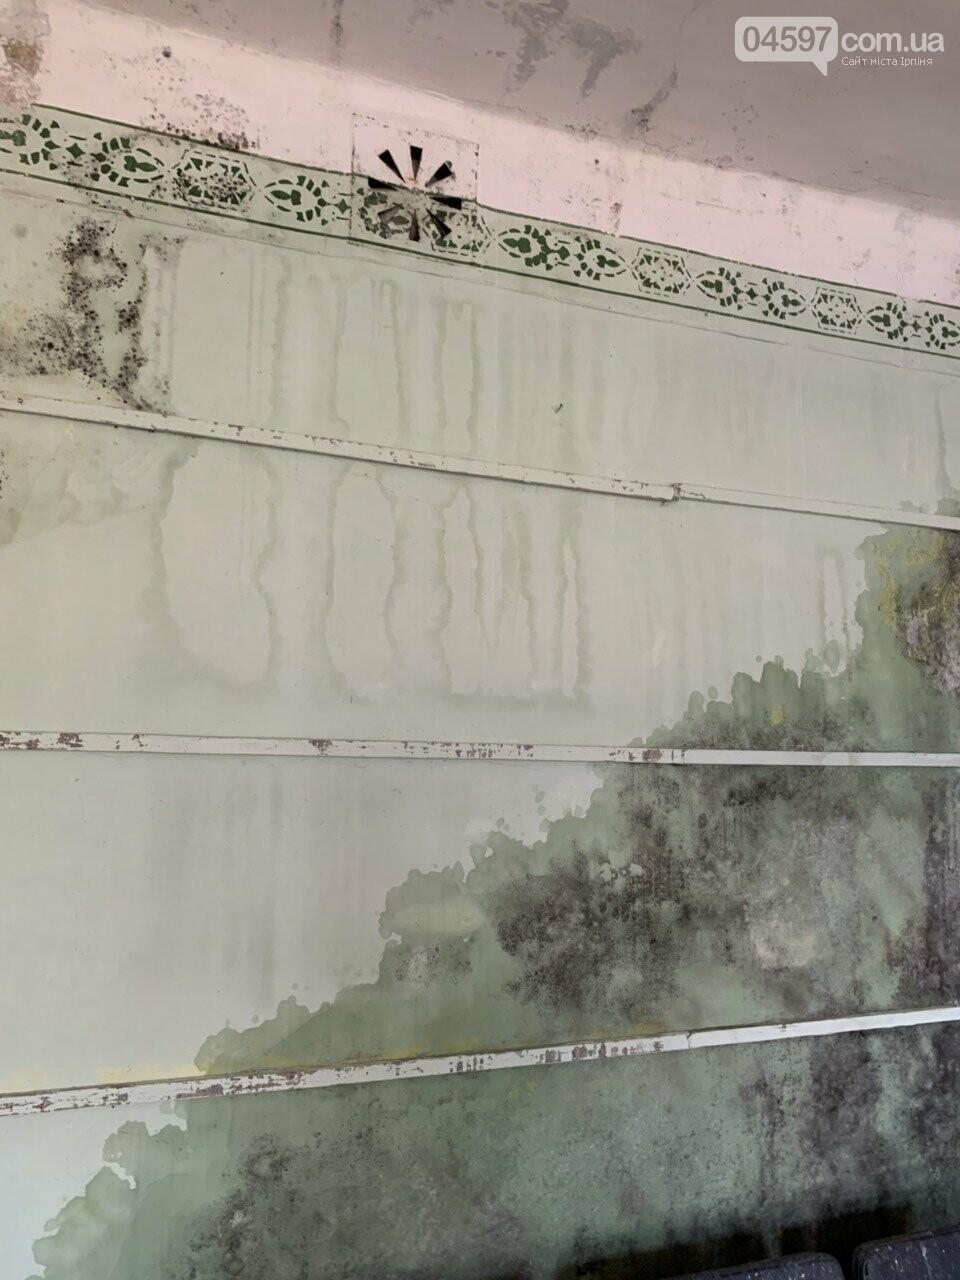 Ольга Прилипко: школа 15 потребує капітального ремонту, фото-4